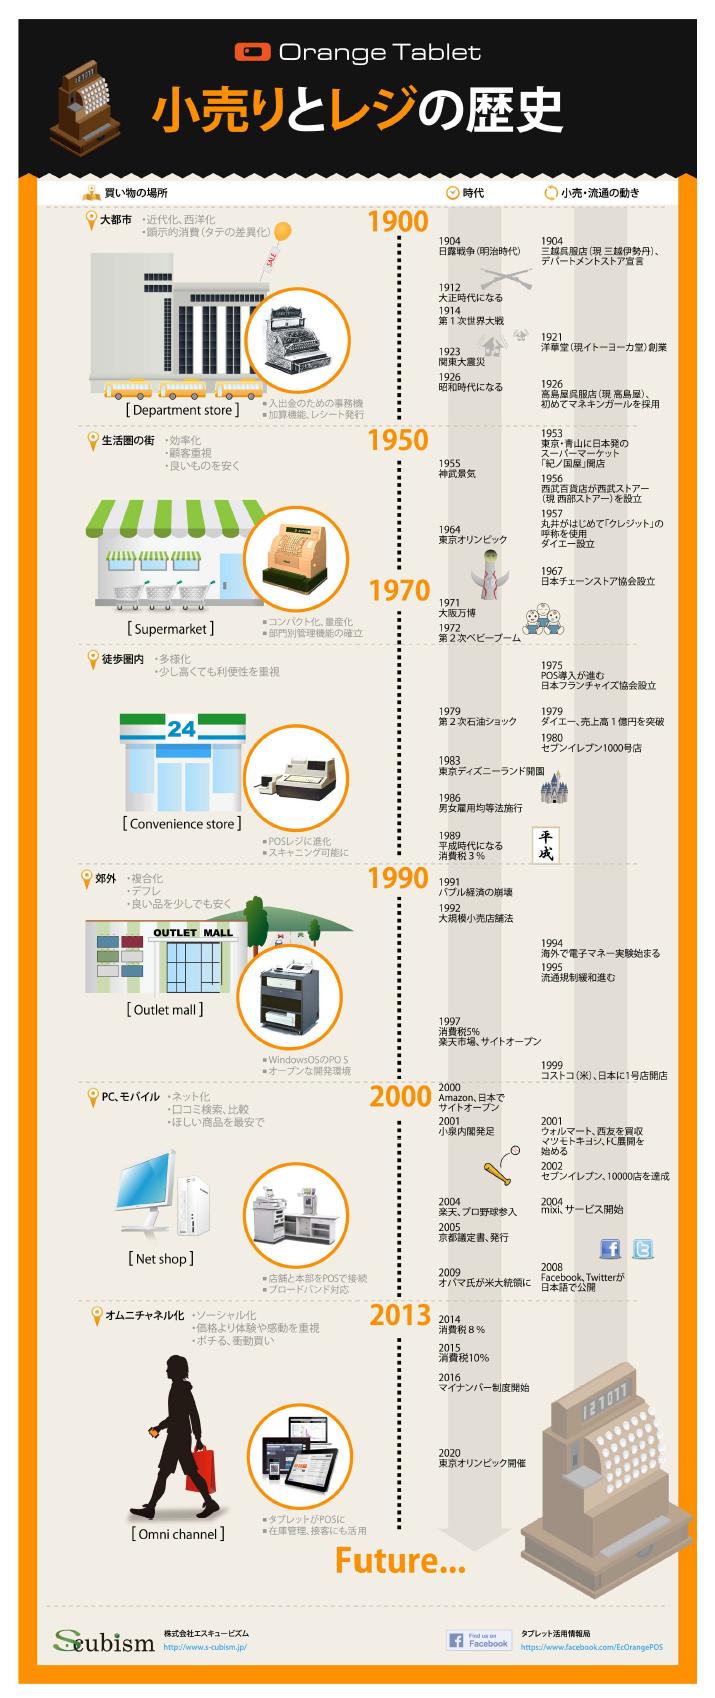 【保存版】消費社会の変遷にみる、日本の小売とレジの歴史